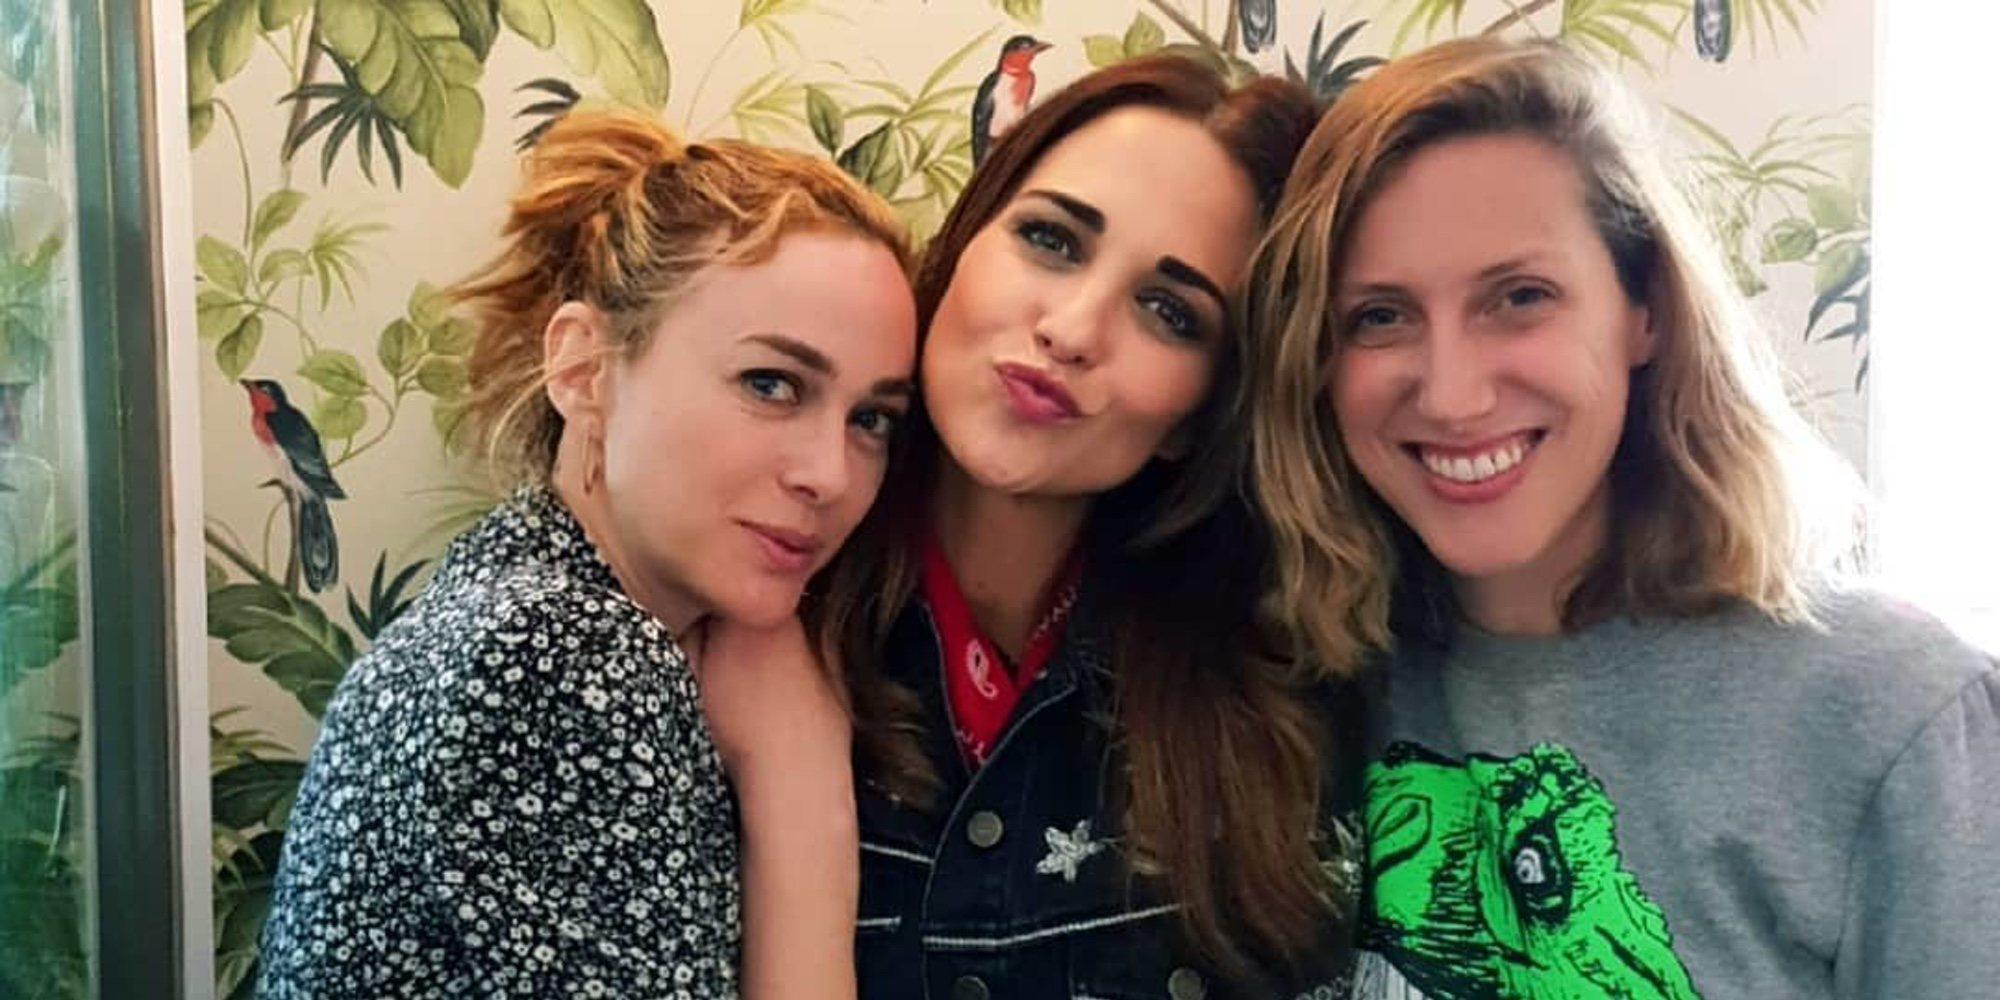 'Chicas Velvet': La divertida anécdota de Paula Echevarría, Marta Hazas y Cecilia Freire en su reencuentro